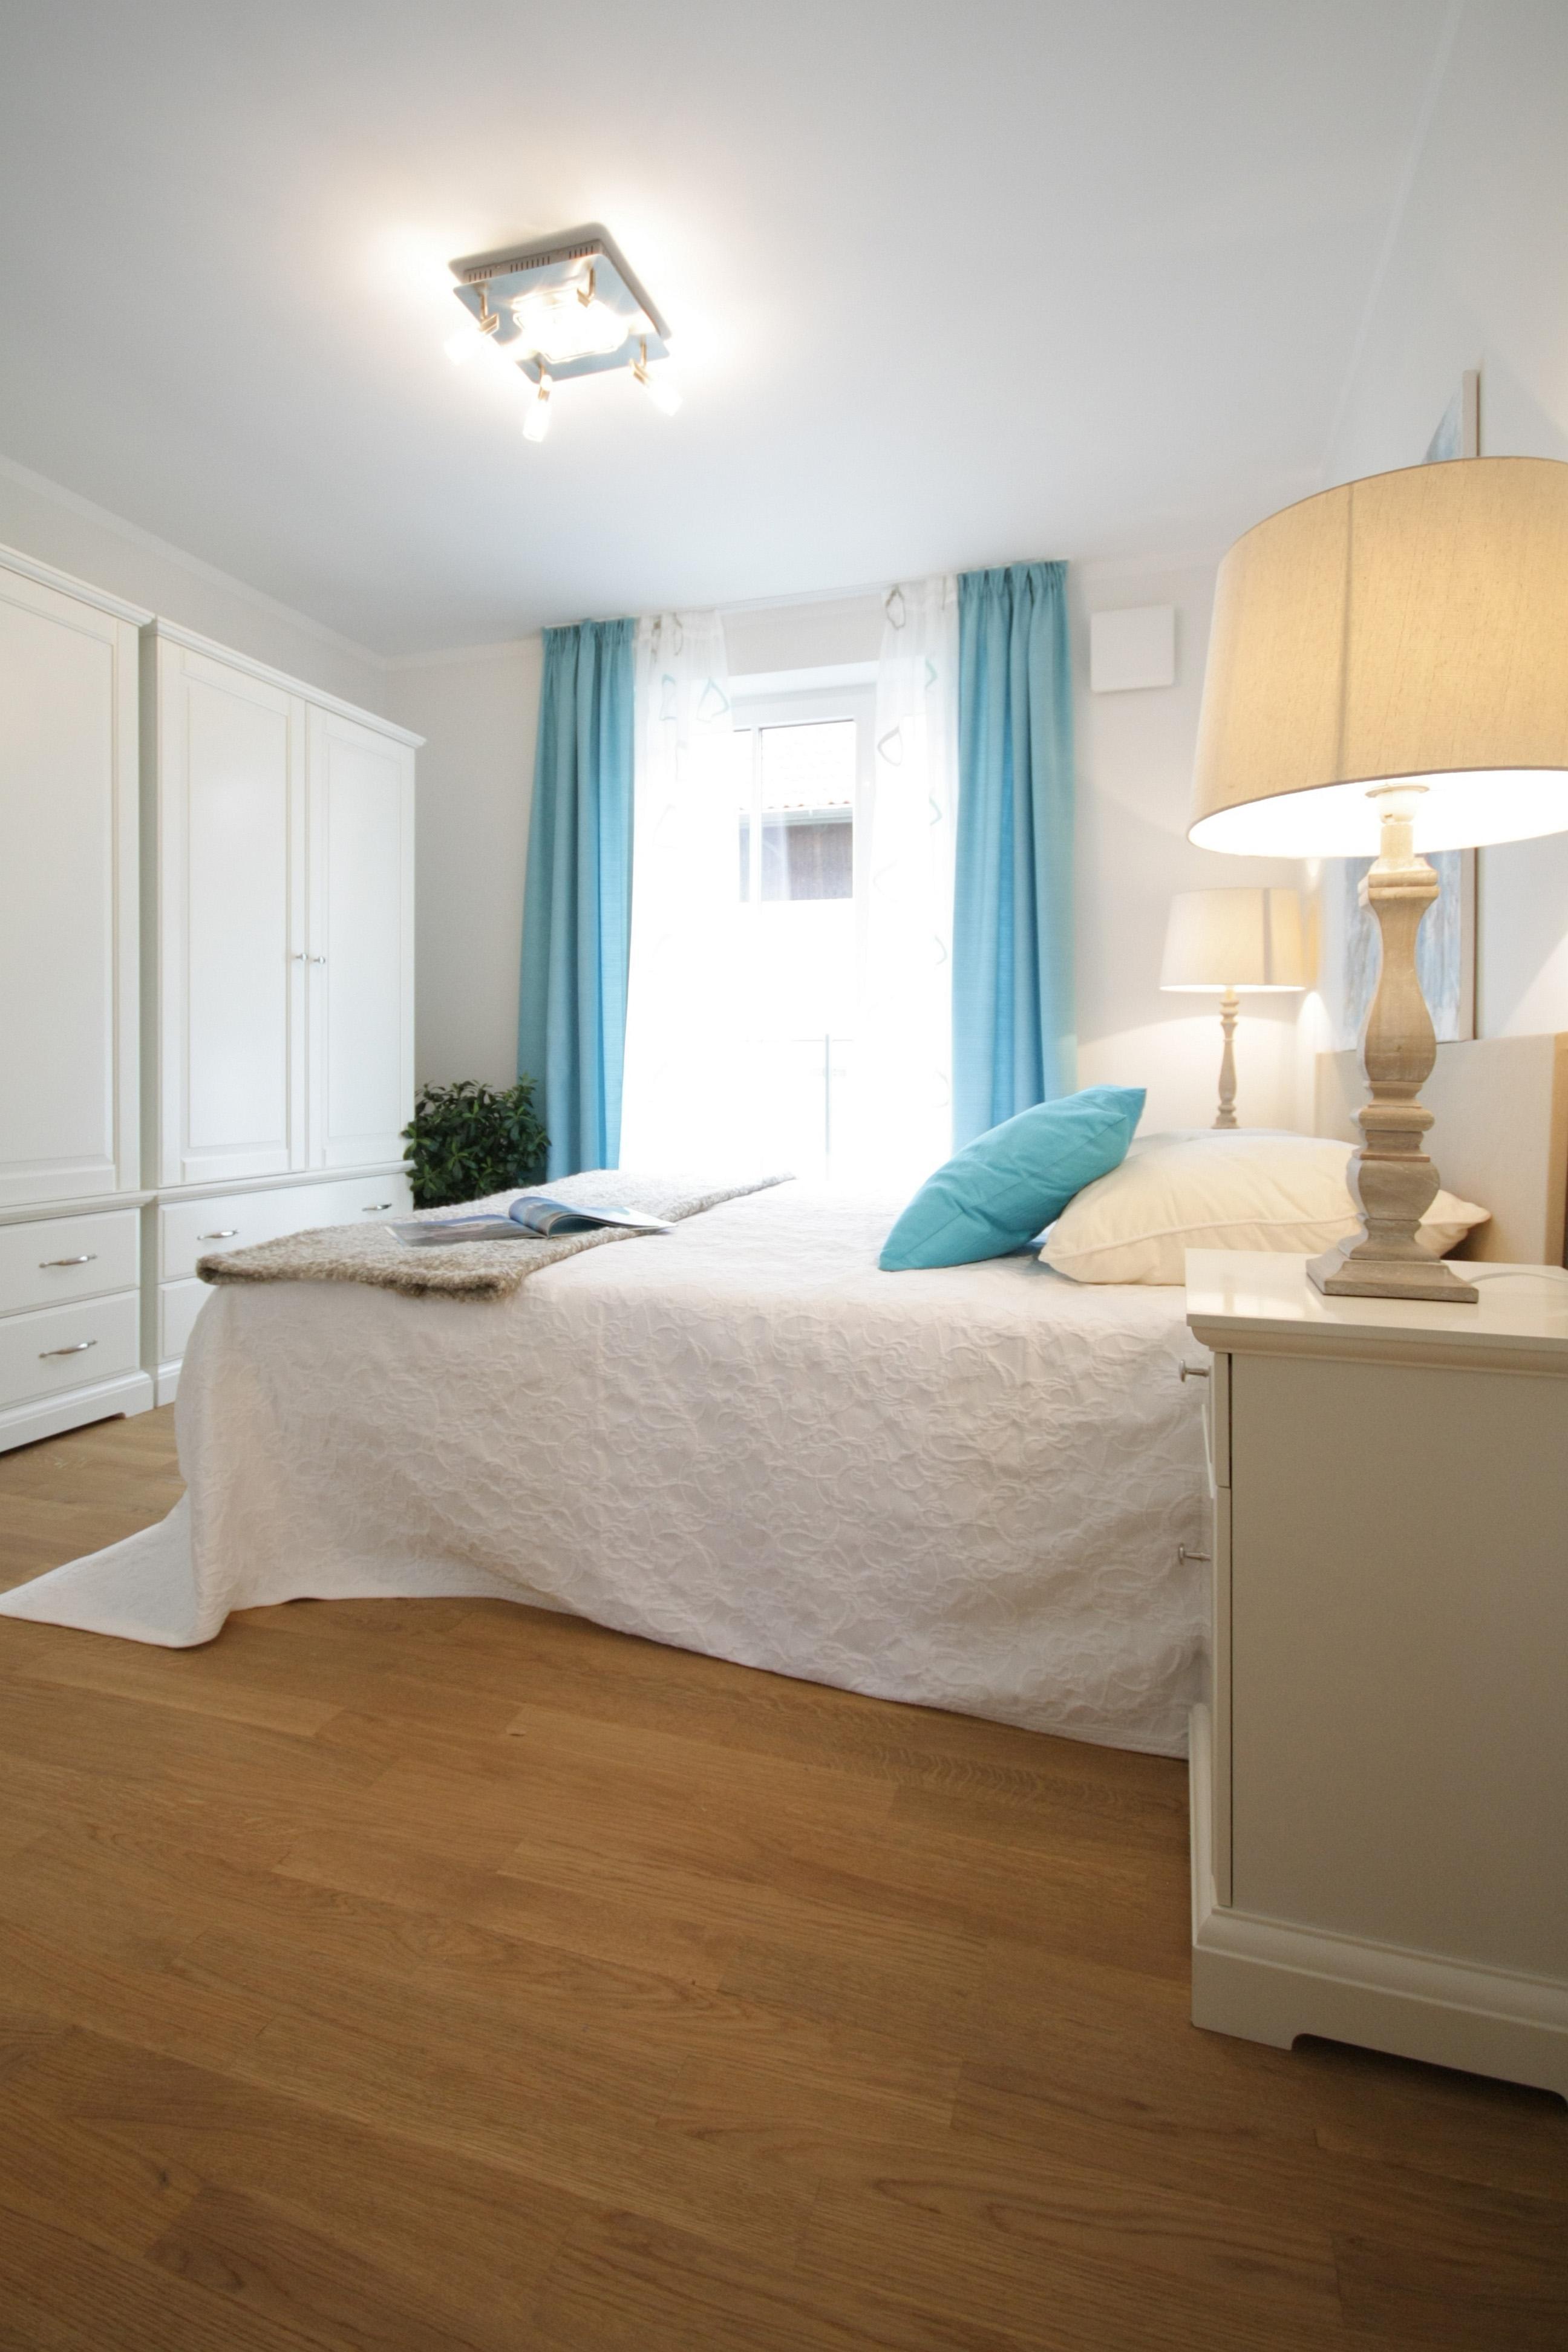 Bett berwurf bilder ideen couch - Tagesdecke schlafzimmer ...